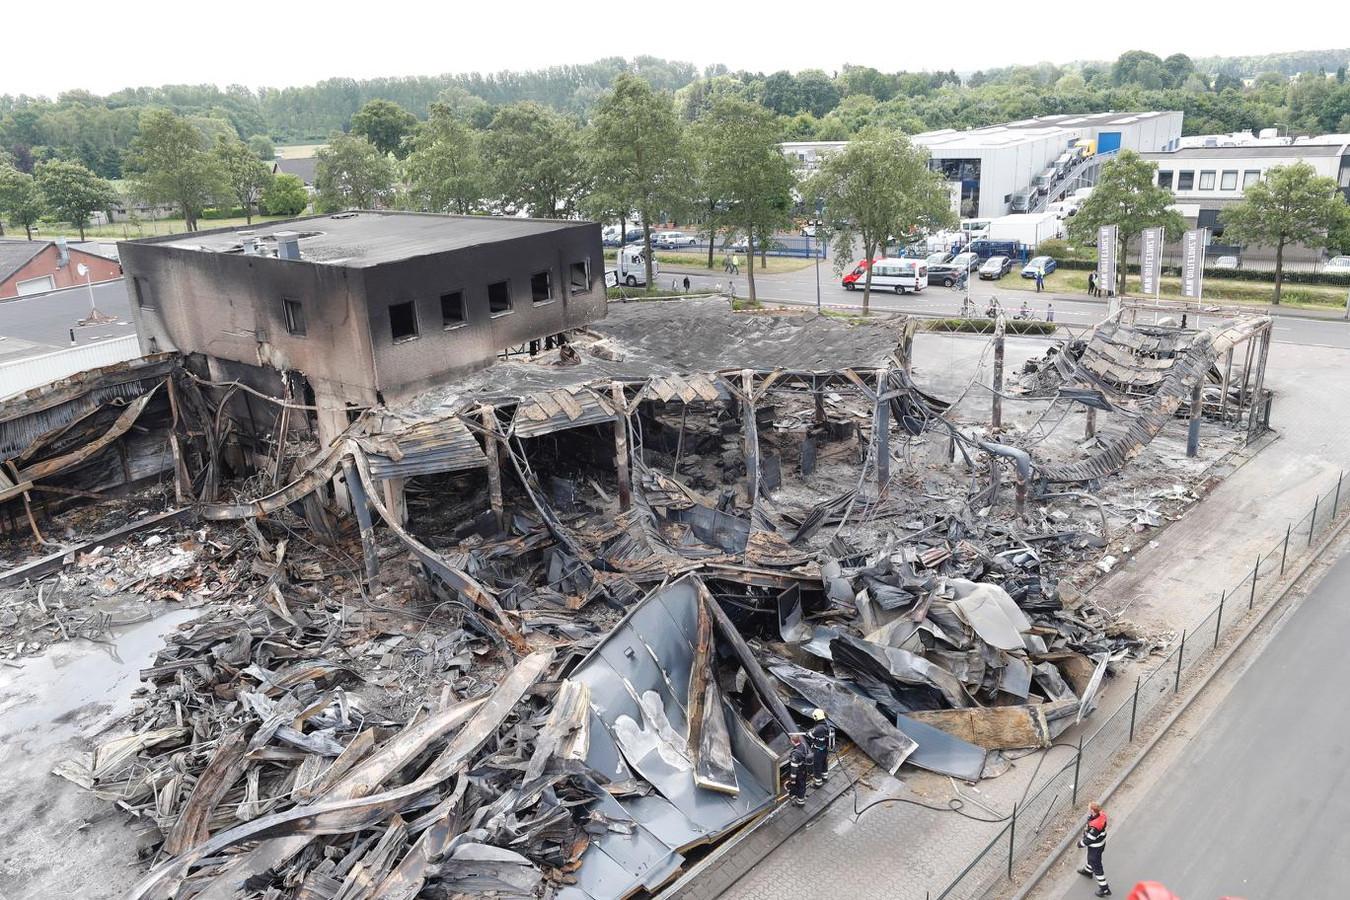 Ravage na de brand bij bouwmarkt Outletdhz in Valkenswaard